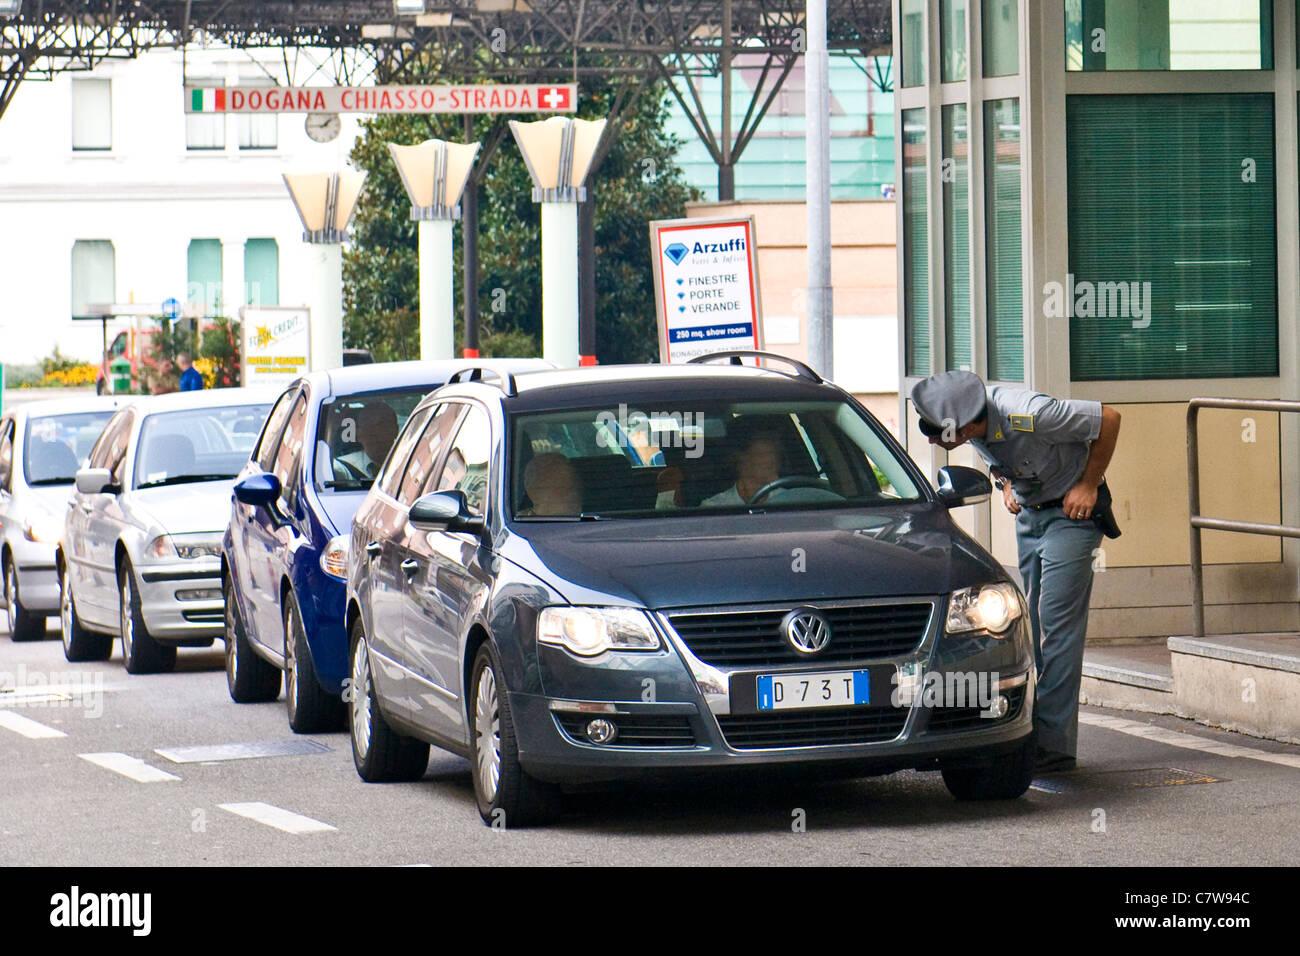 La Lombardie, Italie et Suisse frontière douanière à Chiasso Photo Stock